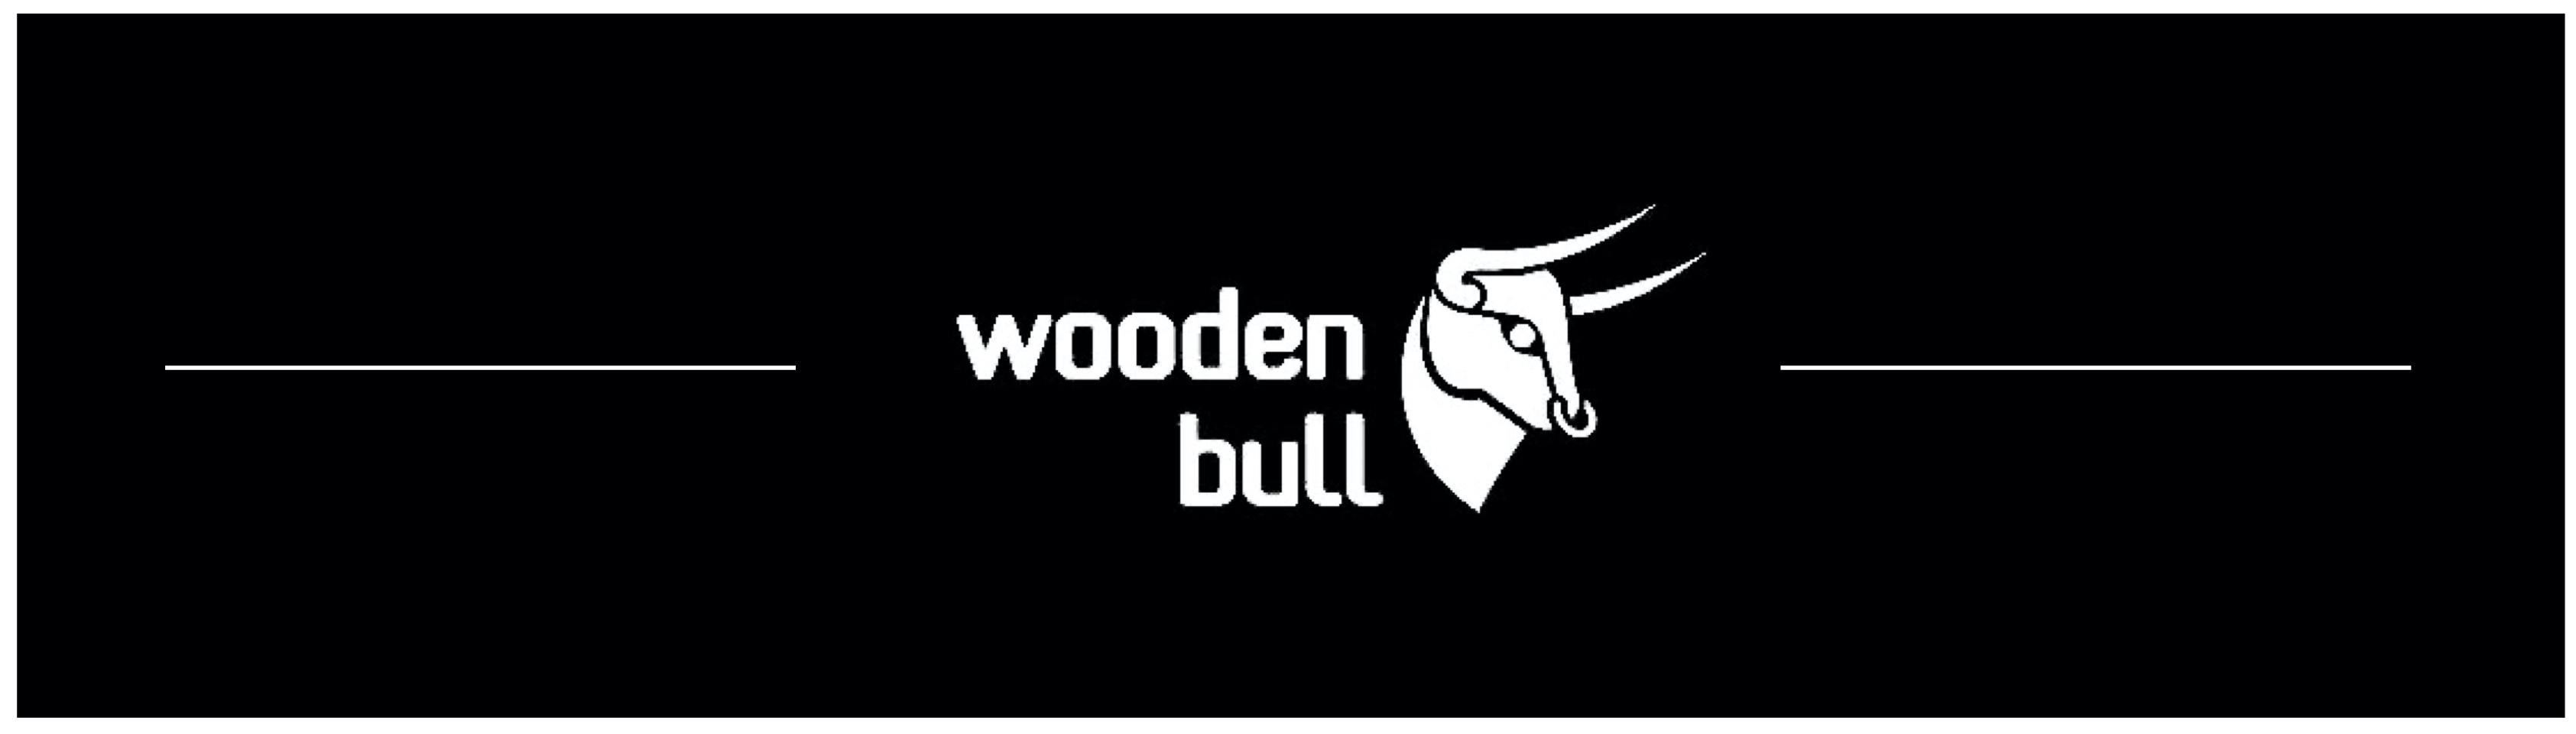 woodenbull-logo.jpg